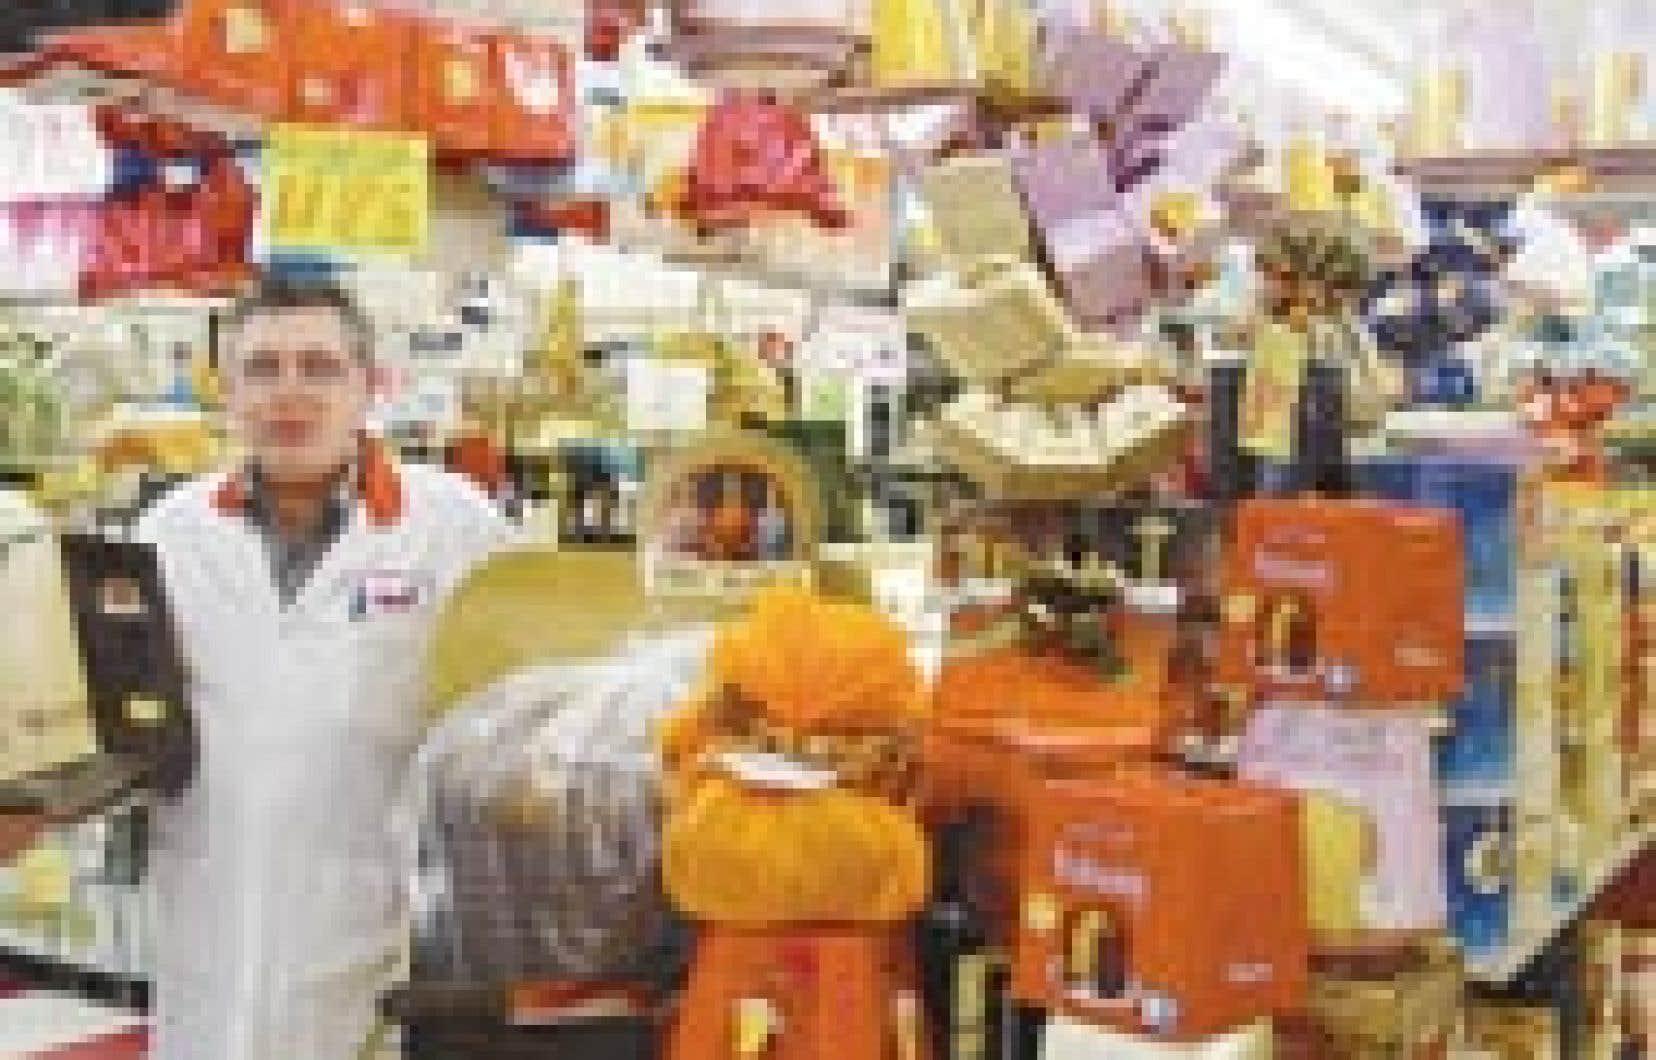 Guido, le gérant de l'épicerie Milano, entouré de ses milliers de petits pains. Pas moins de 11 000 gâteaux seront vendus pendant le temps des Fêtes.